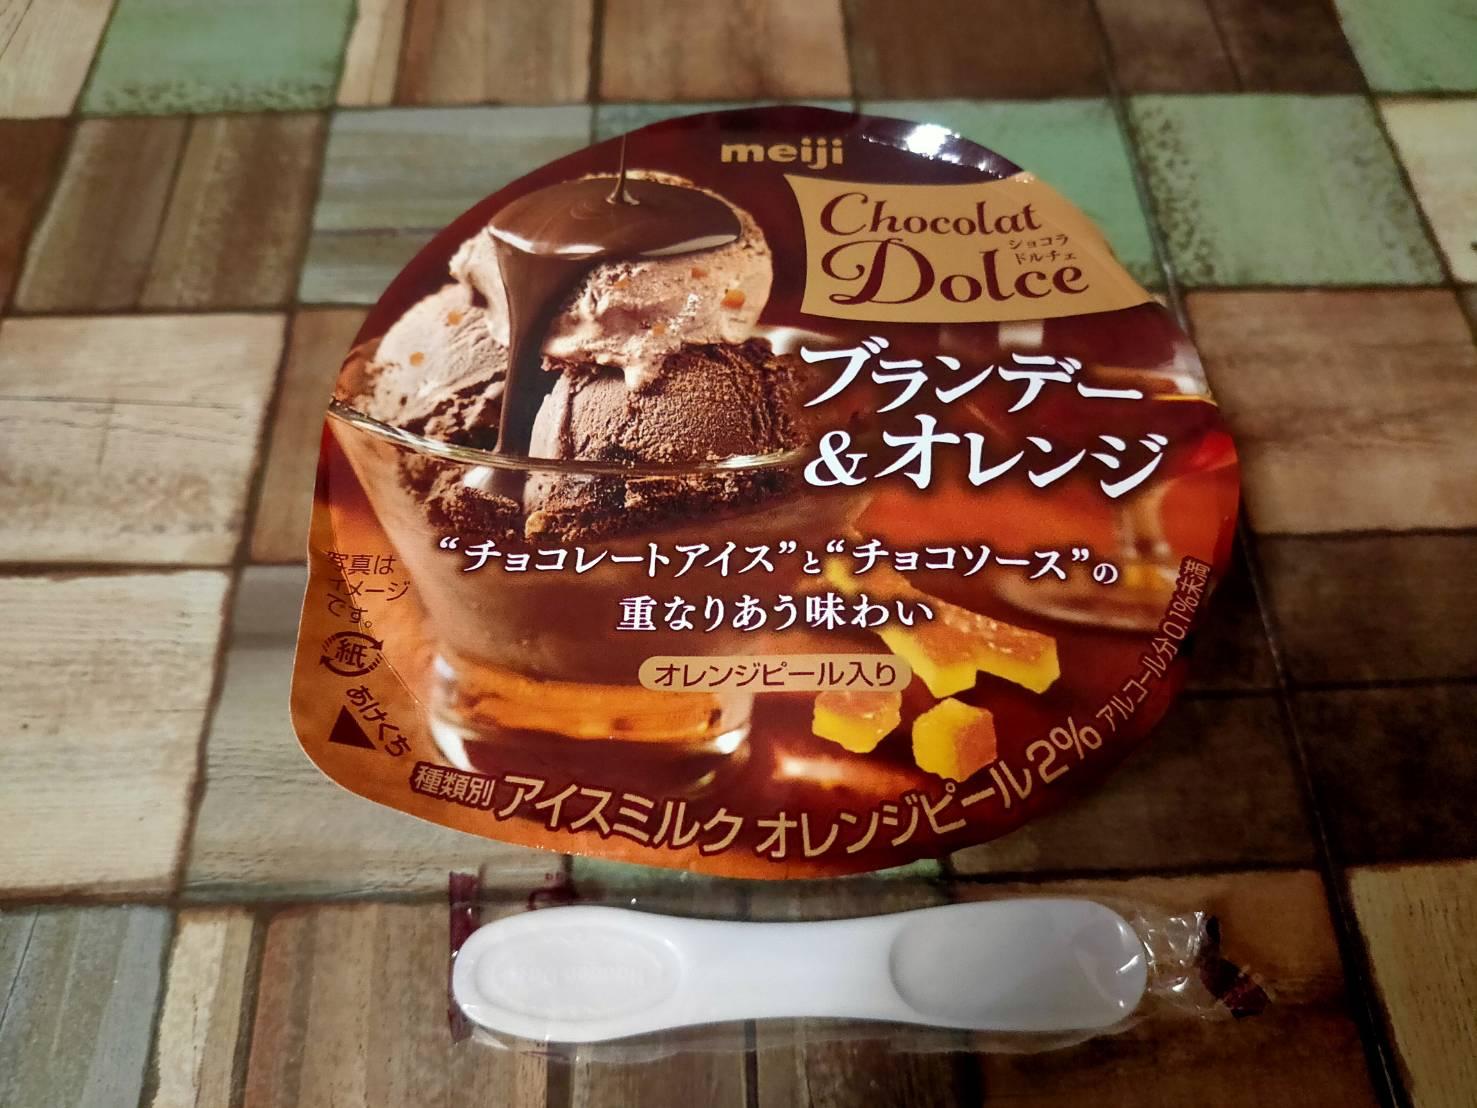 【おすすめアイス】ローソンで買える!「ショコラドルチェ ブランデー&オレンジ」の高級感はコンビニスイーツ超え_1